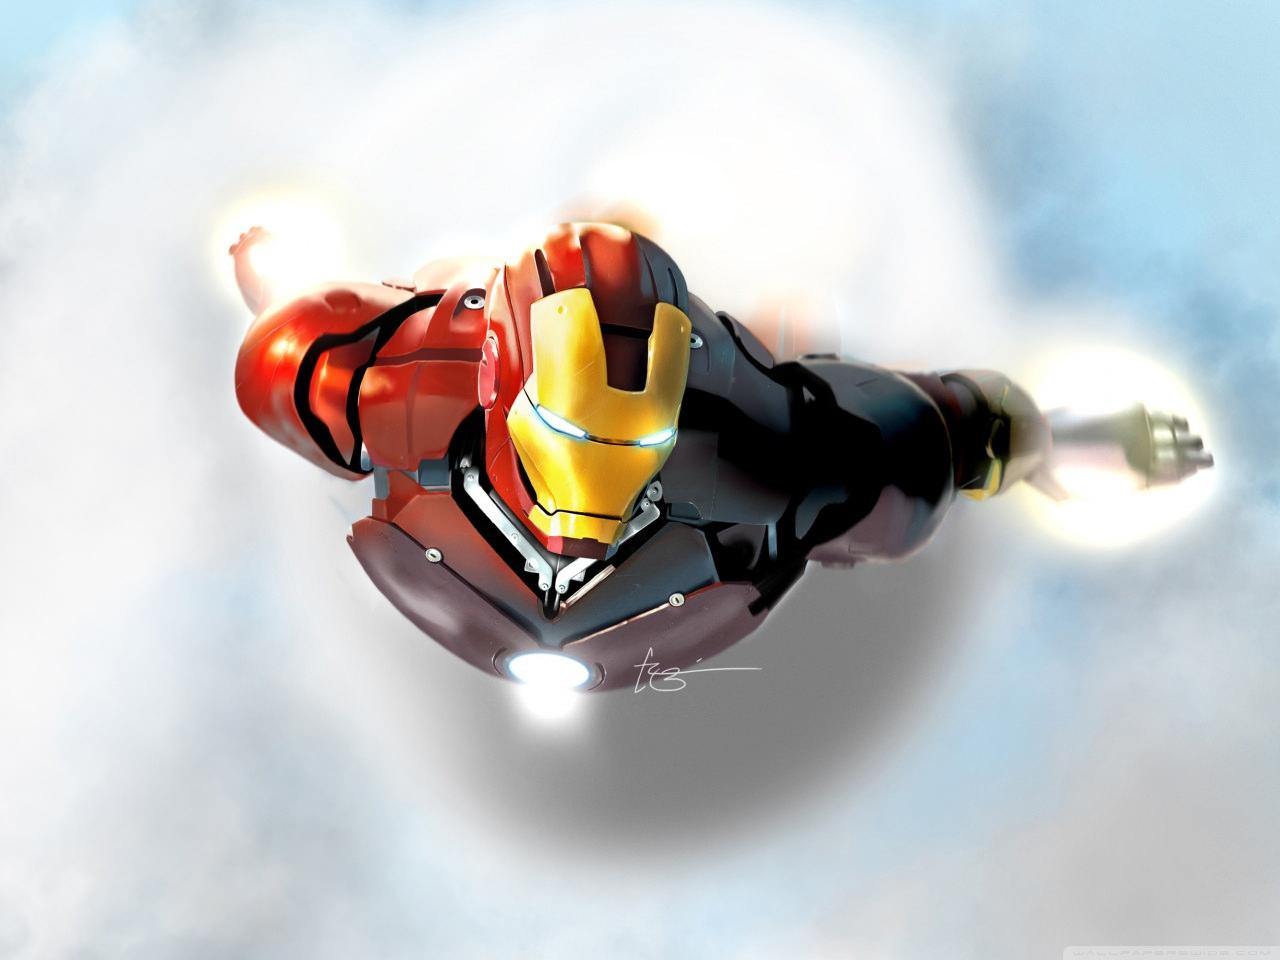 Iron Man in flight Wallpaper